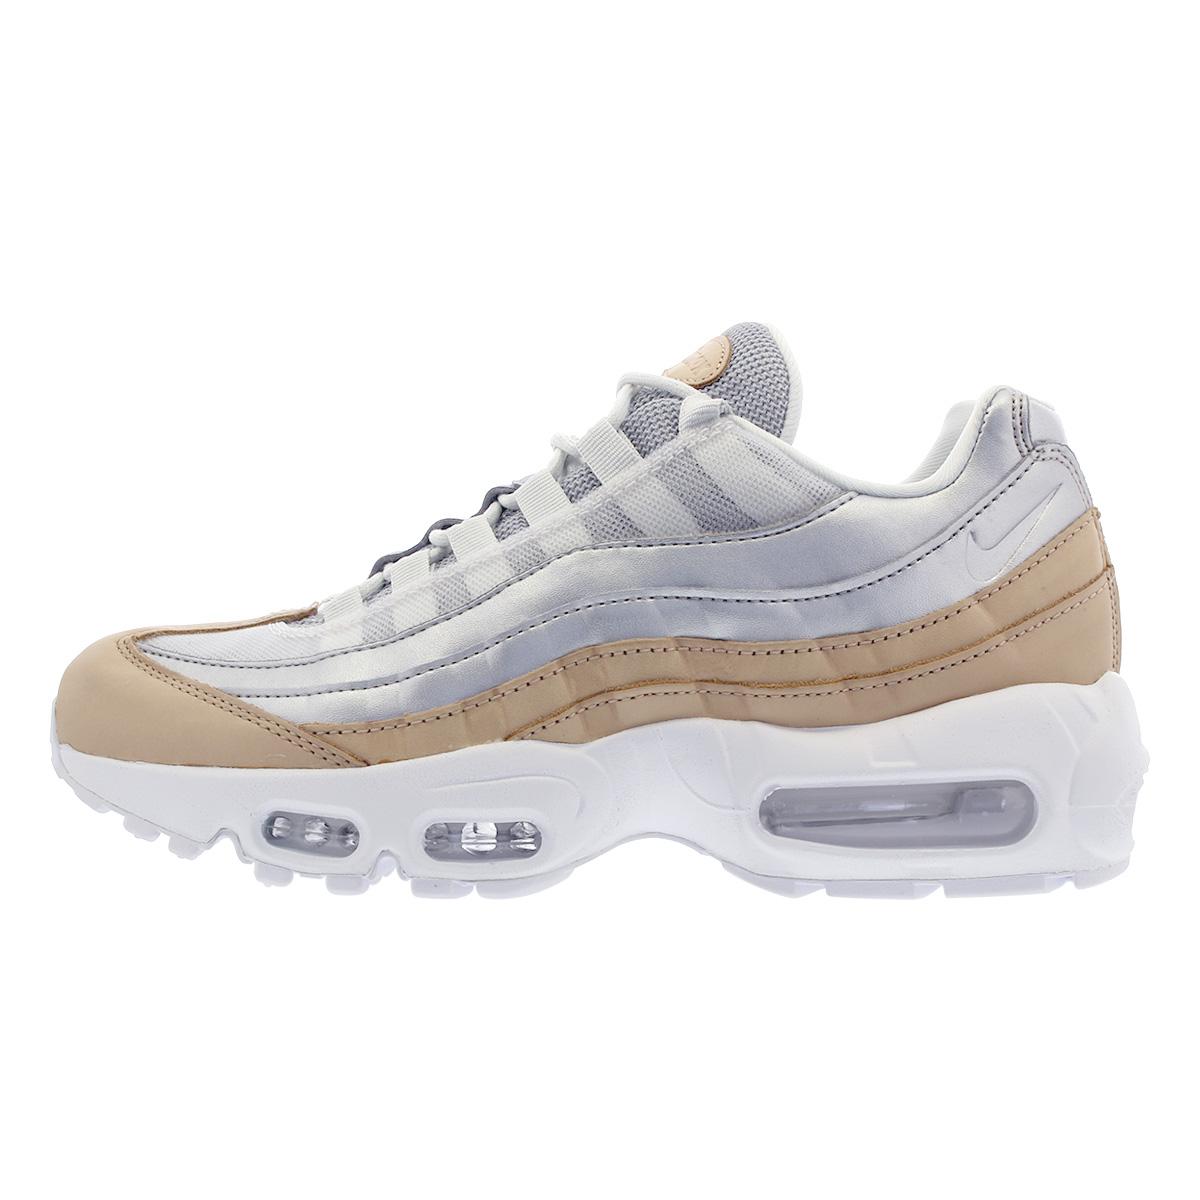 Nike Air Max 95 Se Prm AH8697 002 Pure PlatinumMetallic